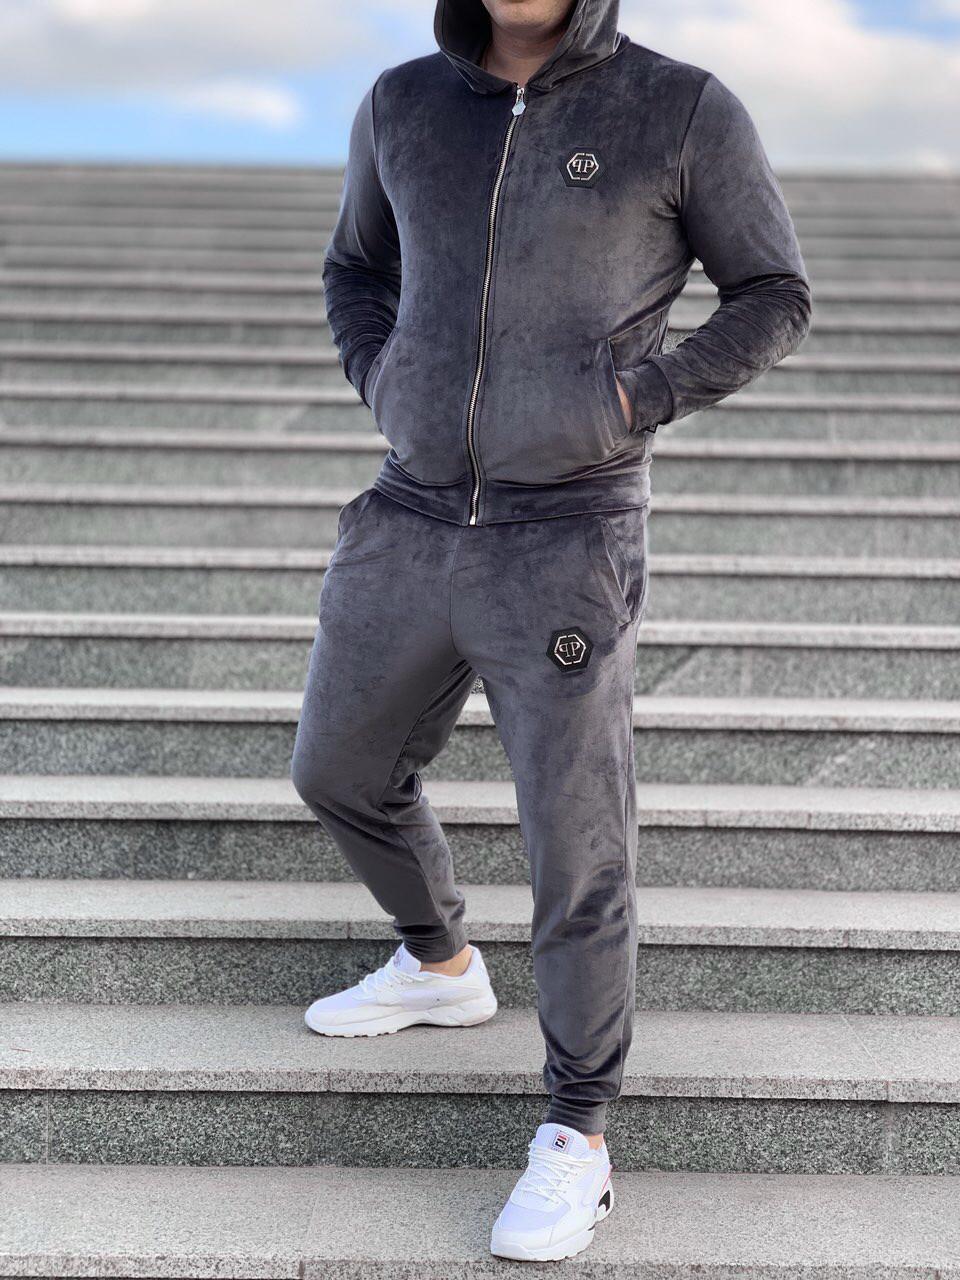 8c010e8f Спортивный костюм Philipp Plein D4775 серый велюровый - Брендовая одежда от  интернет-магазина «Trendy